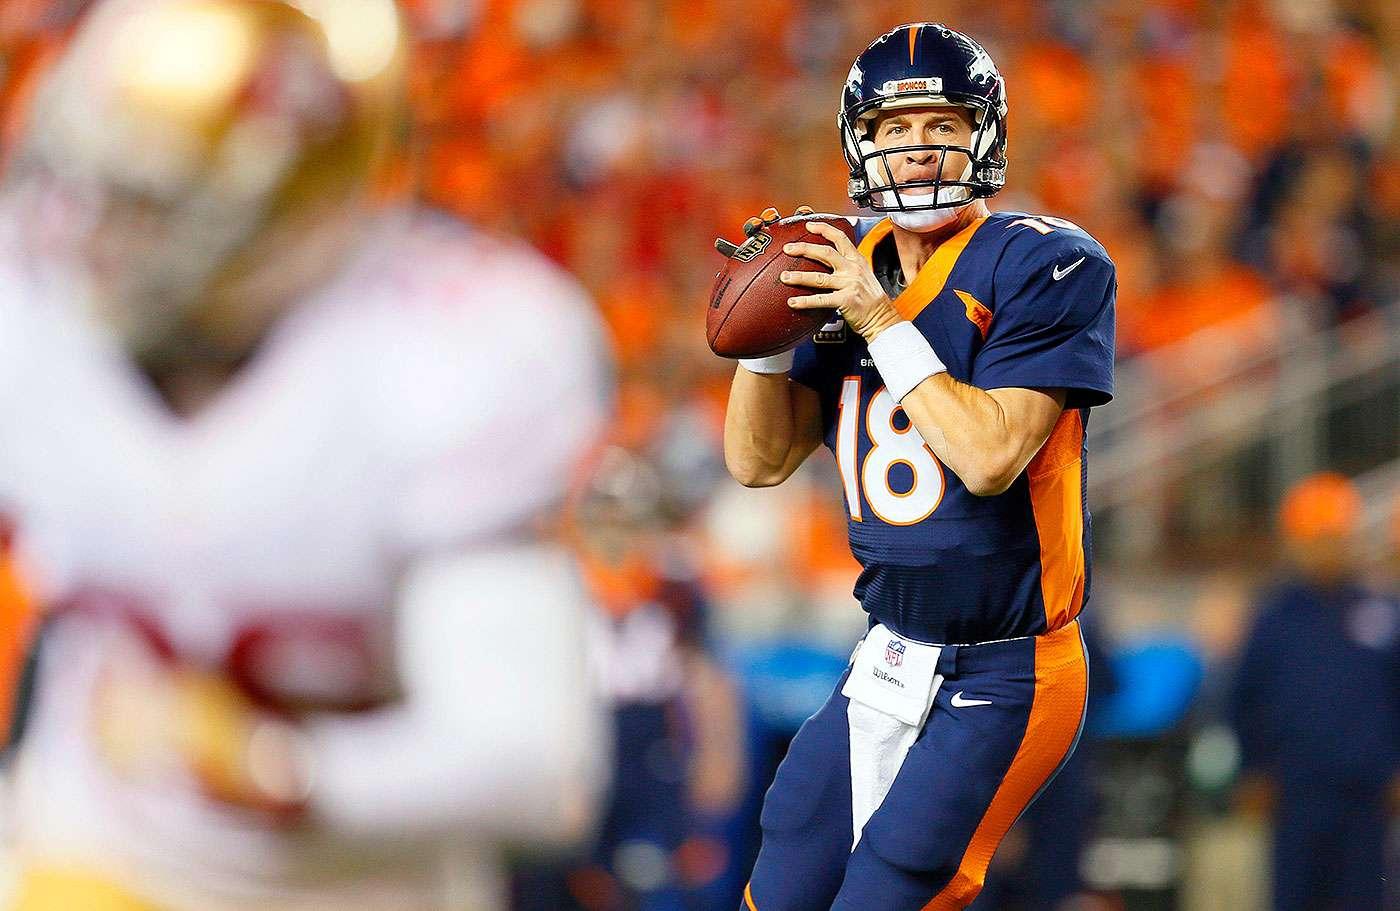 Peyton Manning, quarterback de los Denver Broncos, superó el récord de Brett Favre, al llegar a 509 pases de anotación en su carrera. Foto: AP